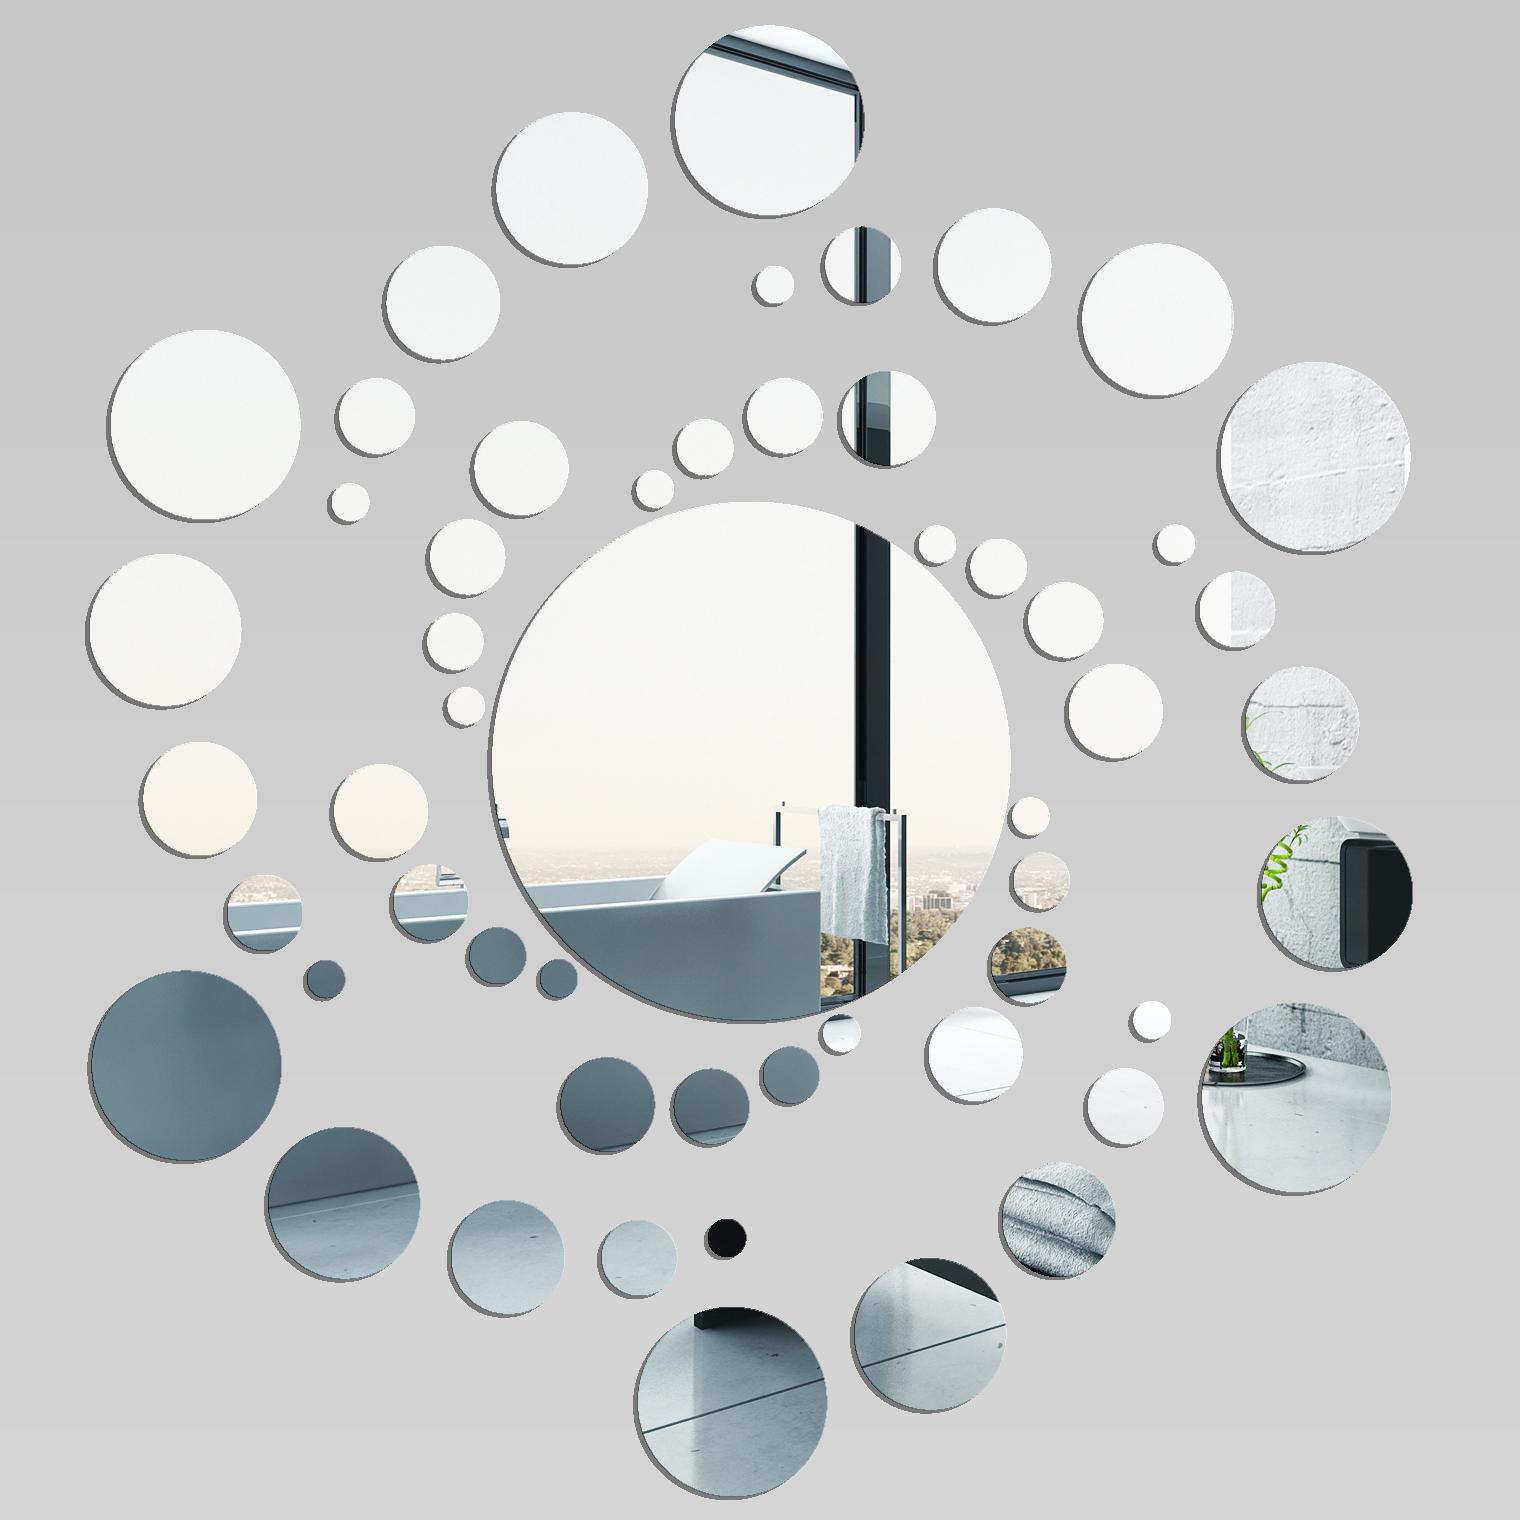 Miroir plexiglass acrylique spirale 3 pas cher for Miroir acrylique